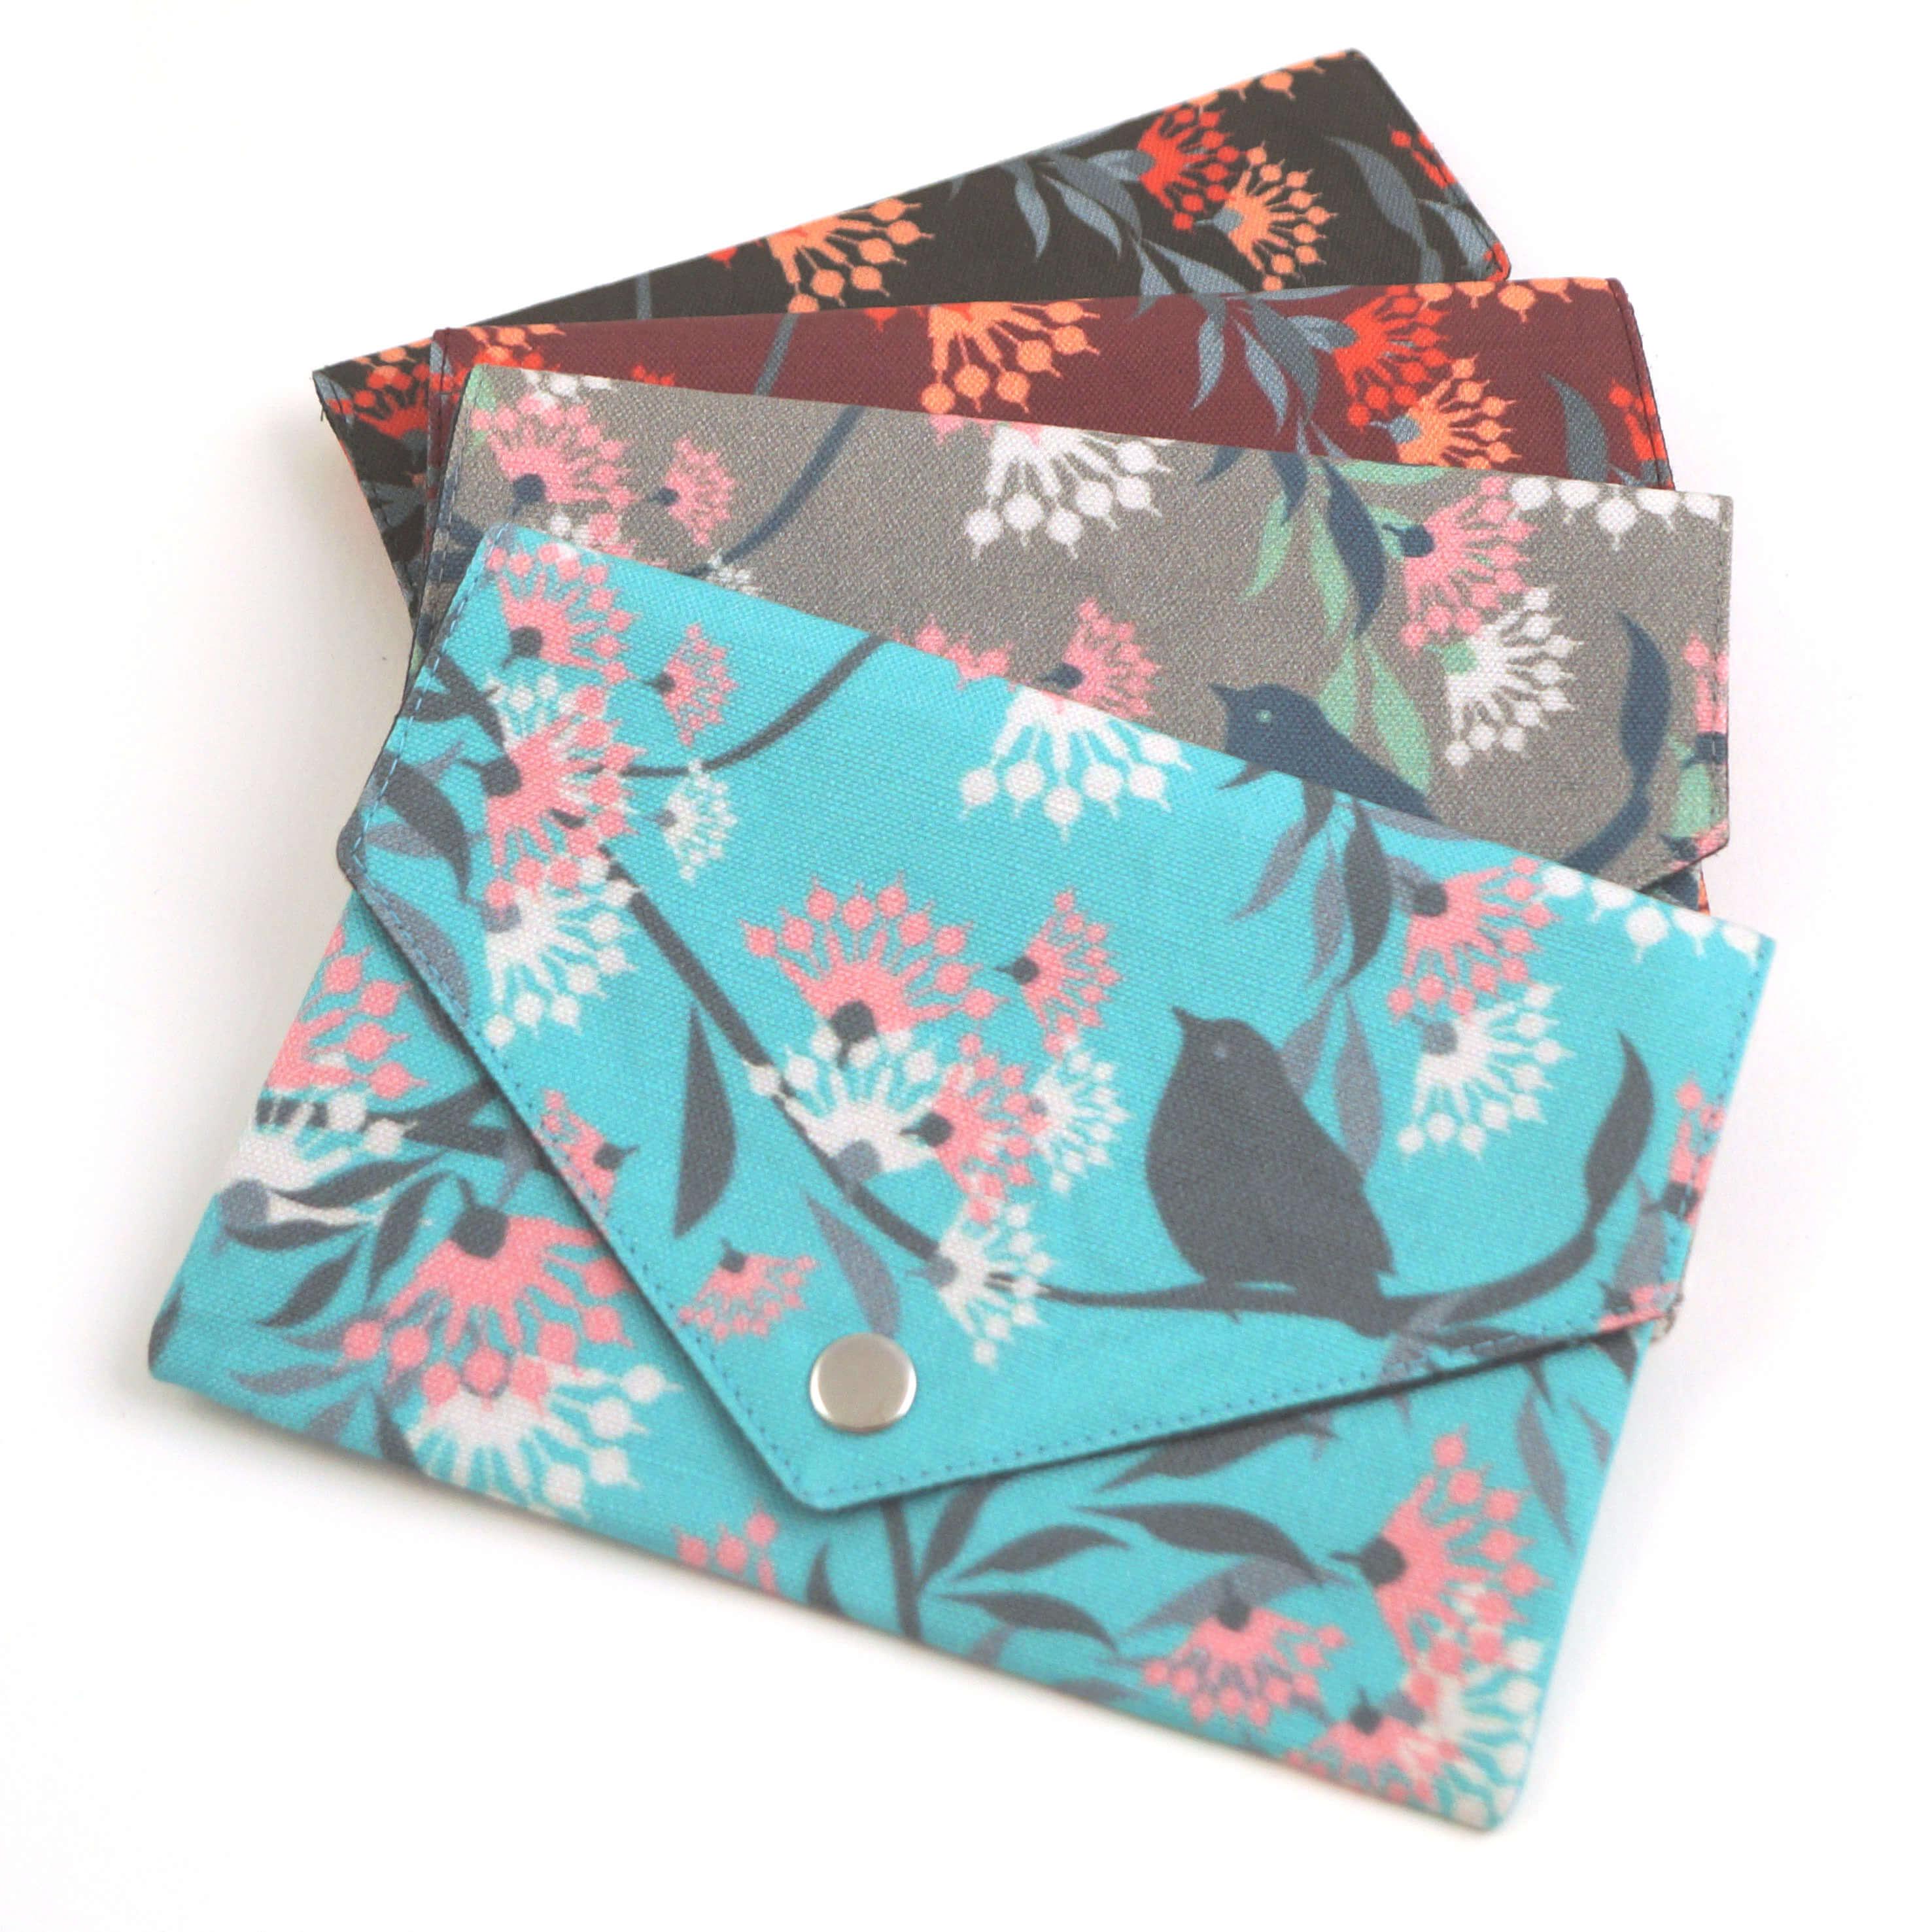 Geldbörse mit Reißverschluss Tasche Blumen bordeaux